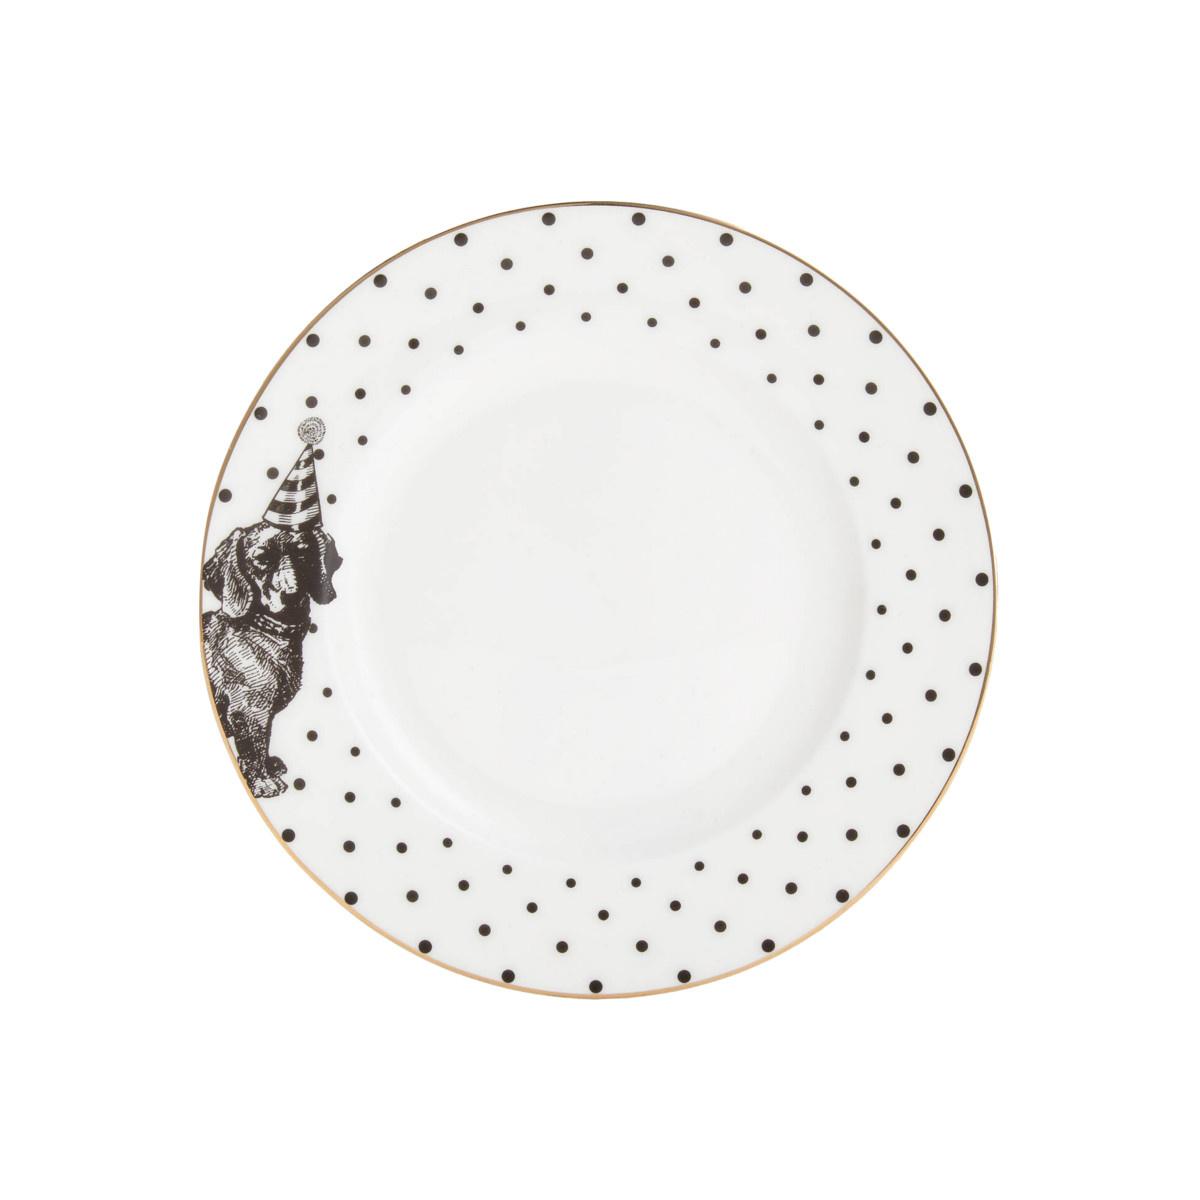 Yvonne Ellen Yvonne Ellen London Monochrome Set van 4  Bordjes Ø 16 cm - Diverse Dieren - Bone China Porselein - In prachtige Geschenkdoos